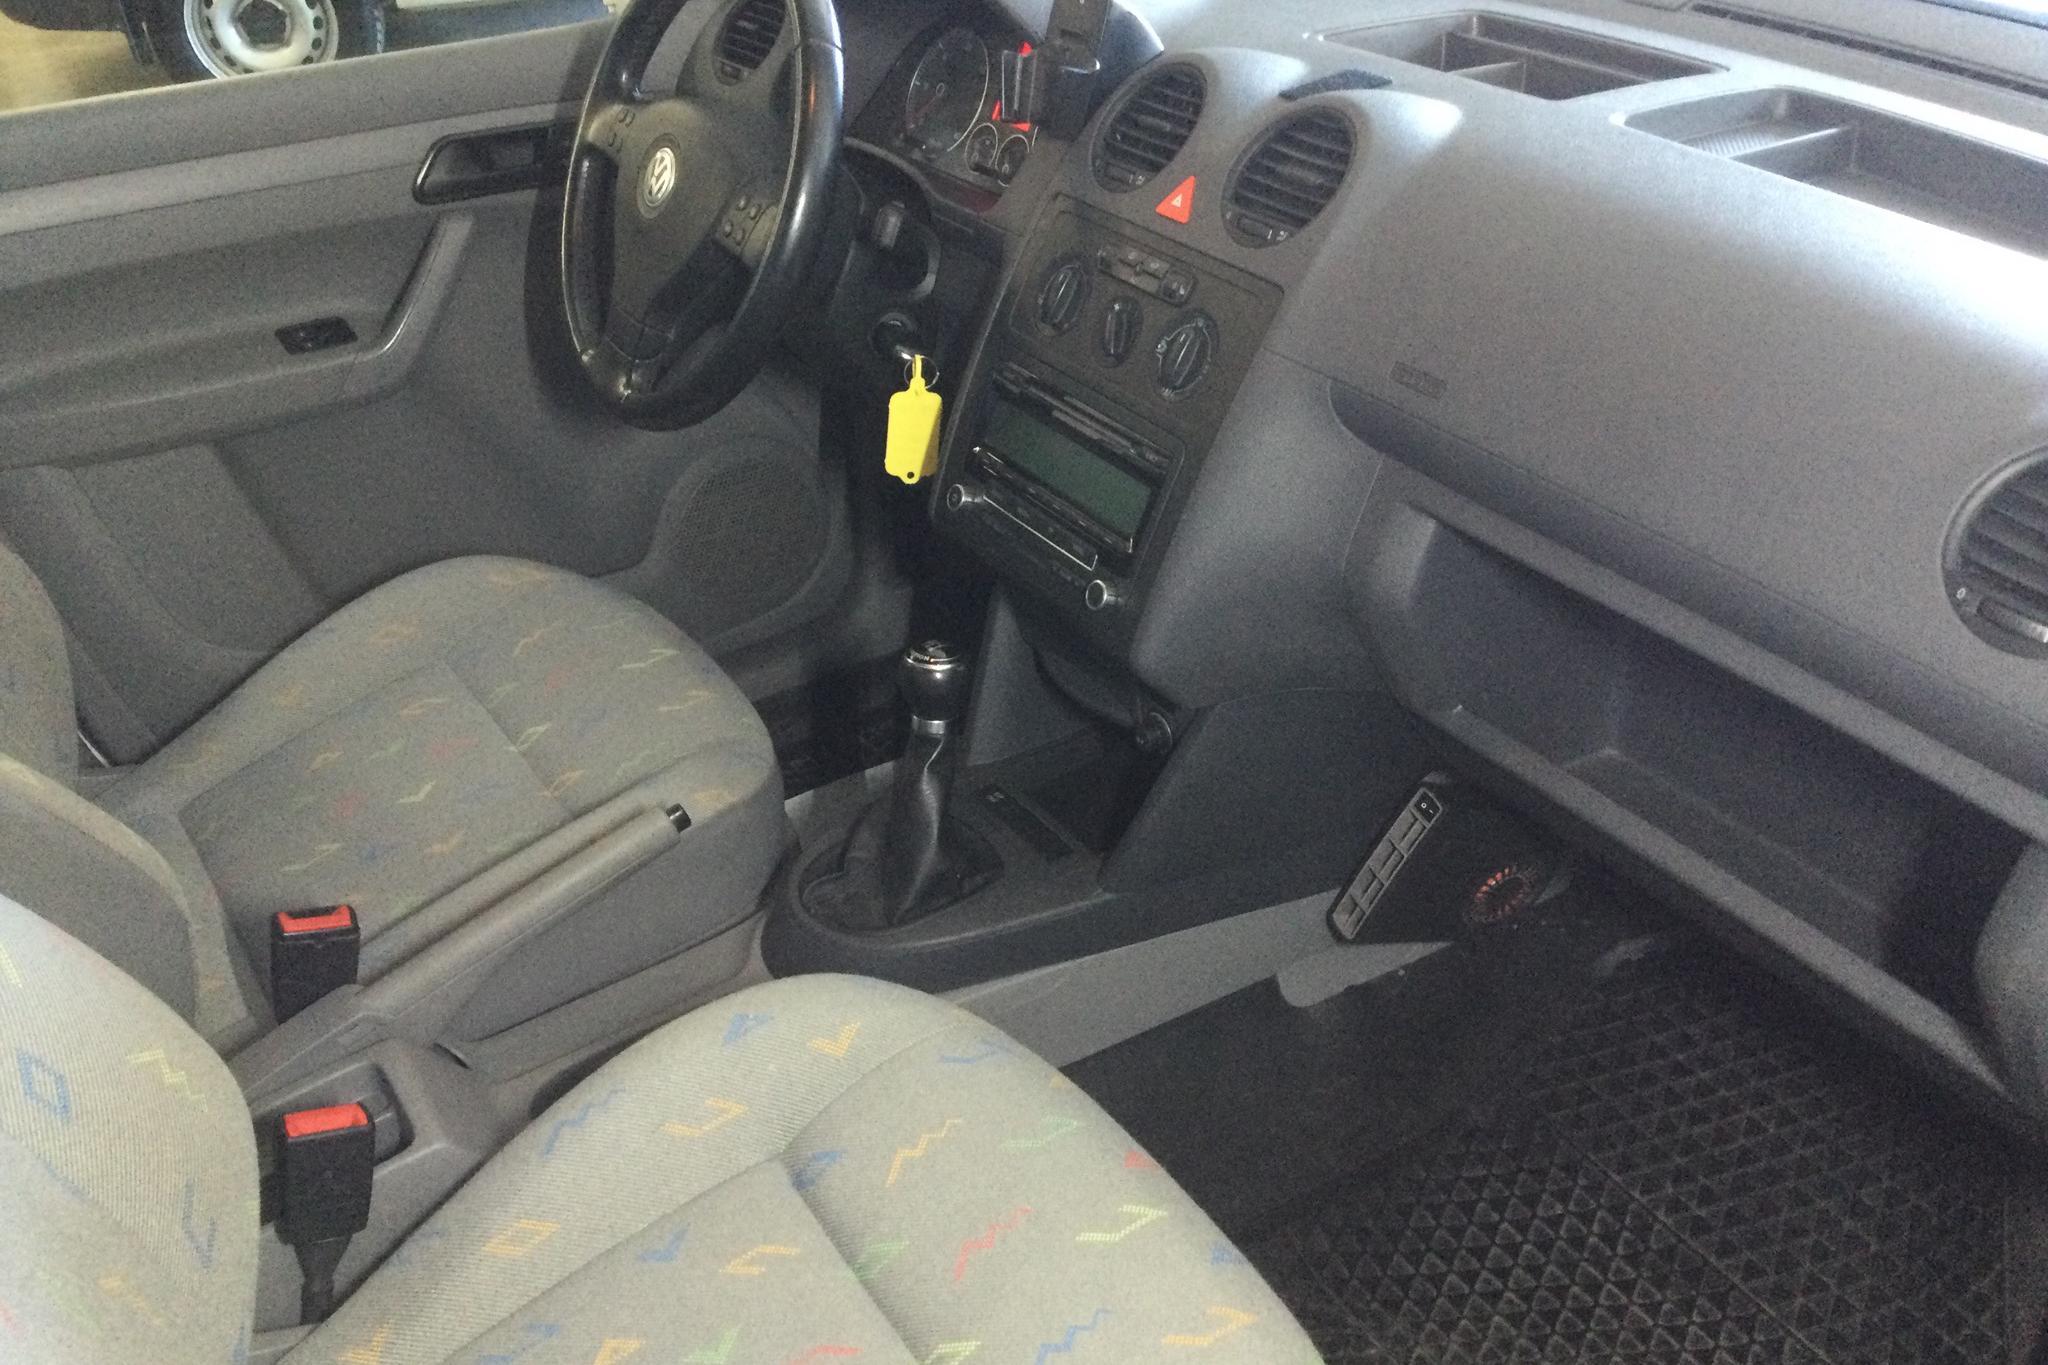 VW Caddy 1.9 TDI Skåp 4motion (105hk) - 58 080 km - Manual - white - 2010